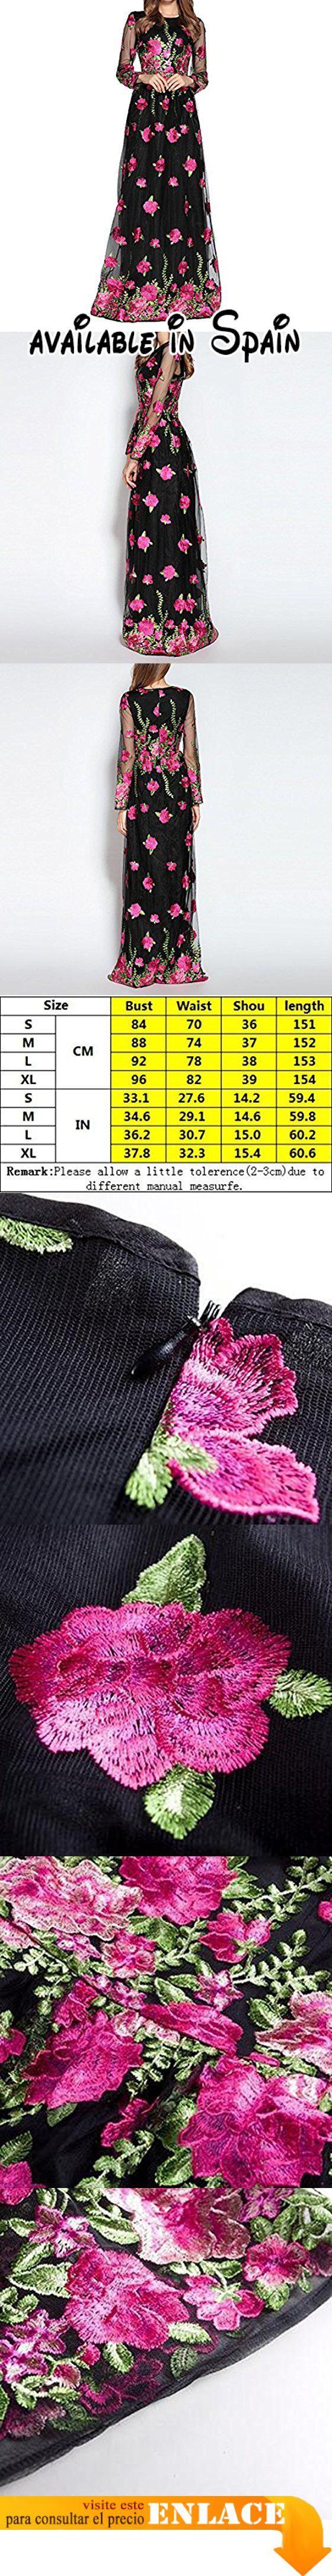 B072NHNJQ9 : Retro Con Cuello Redondo Cintura Gasa Bordado Mangas Largas Cintura Falda VestidoOneColor-L. Por favor refiérase a la izquierda elegir su propio tamaño adecuado. Material: fibra de poliéster. Alta calidad y barato cómodo y saludable.. Enviados desde China la hora de llegada es de 15 a 25 días por favor espere pacientemente.